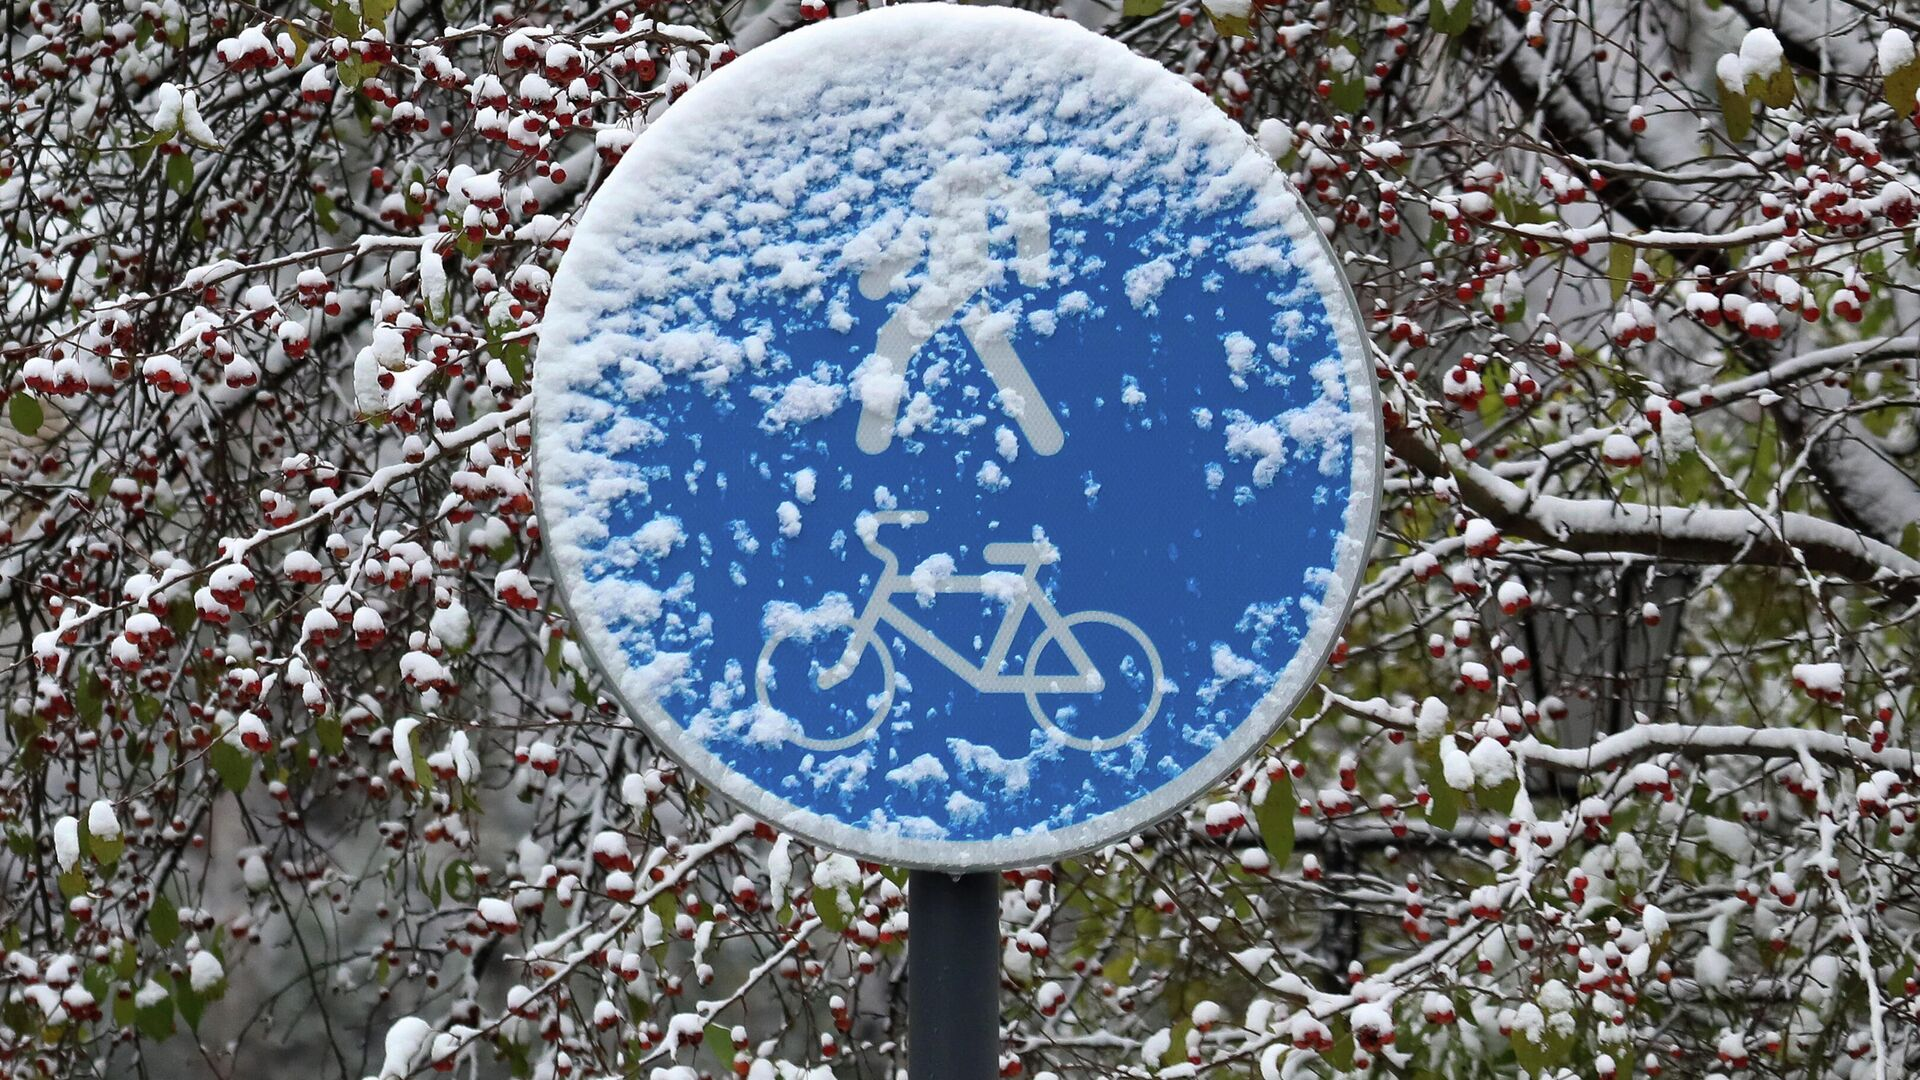 Дорожный знак после первого снегопада - РИА Новости, 1920, 14.10.2020